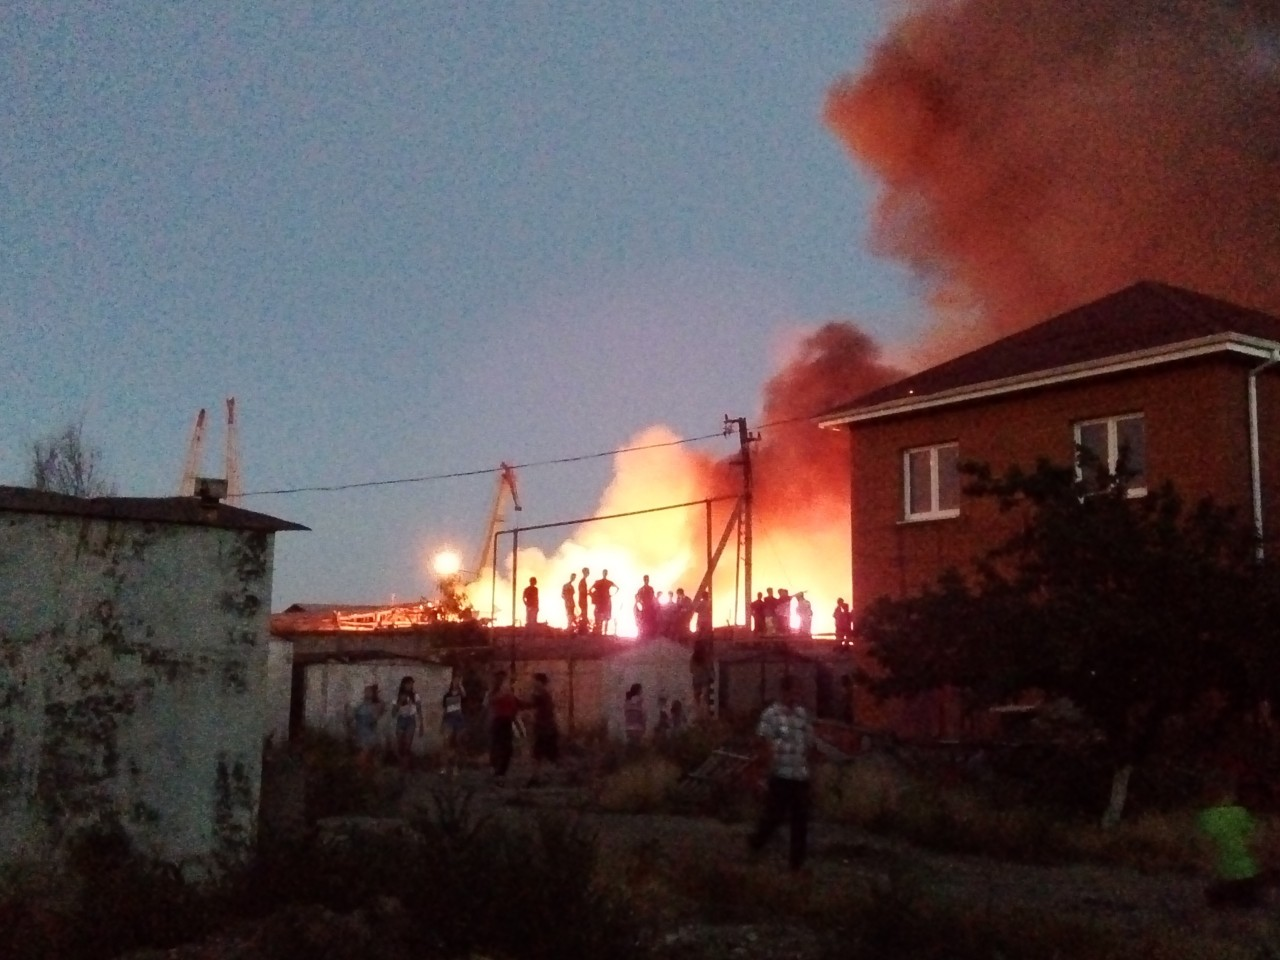 Один из факторов сложности пожара является площадь горения